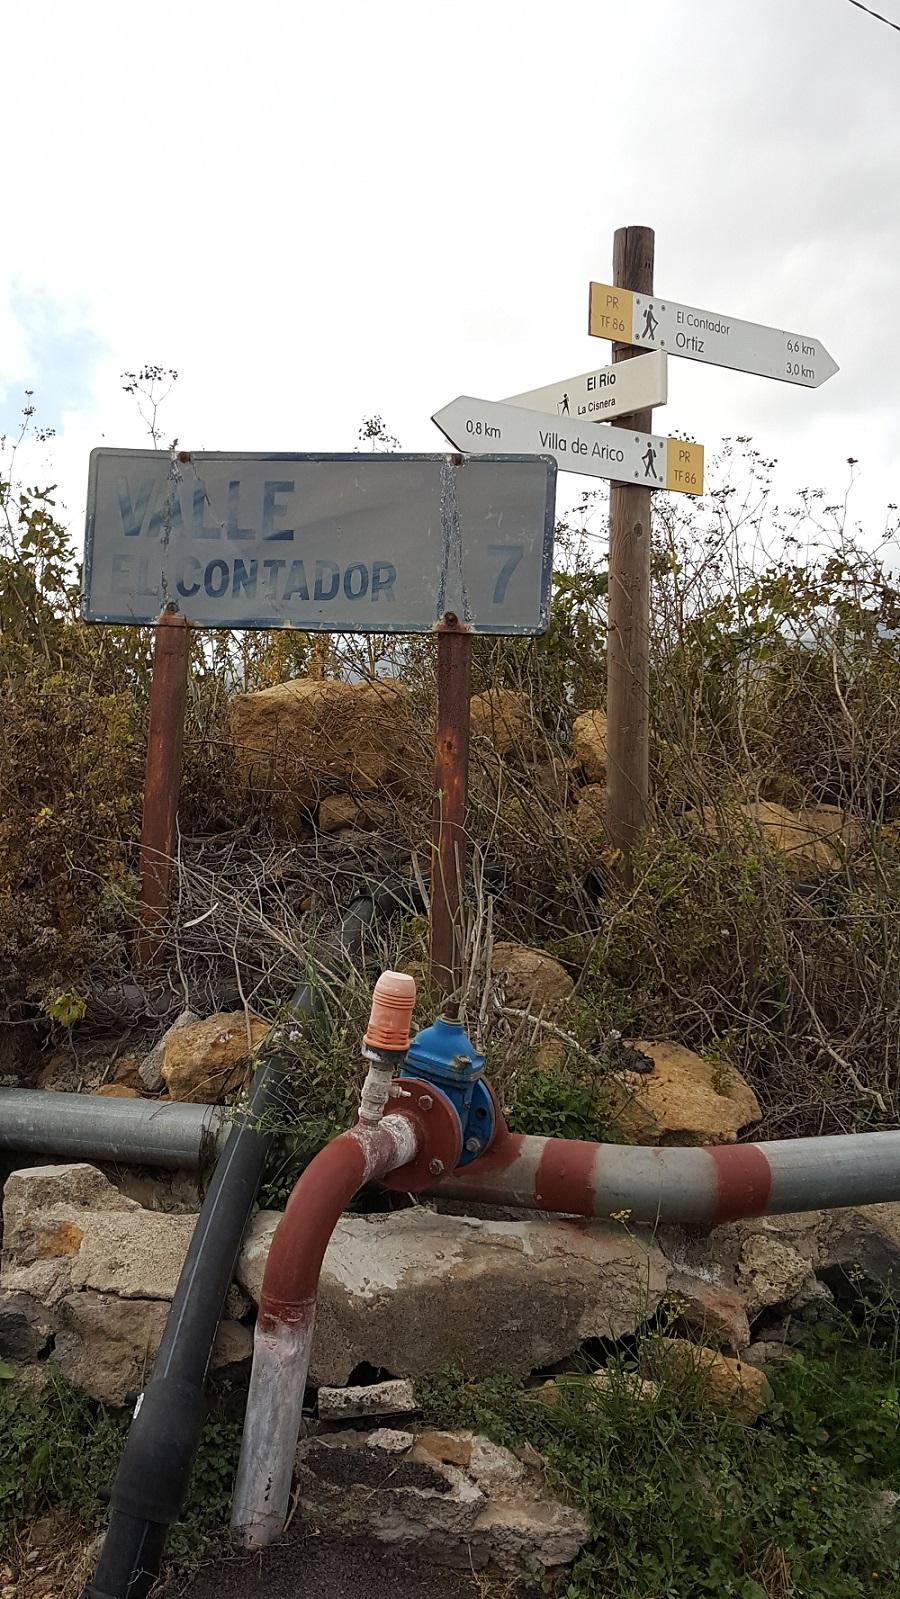 Señales de tráfico en Arico